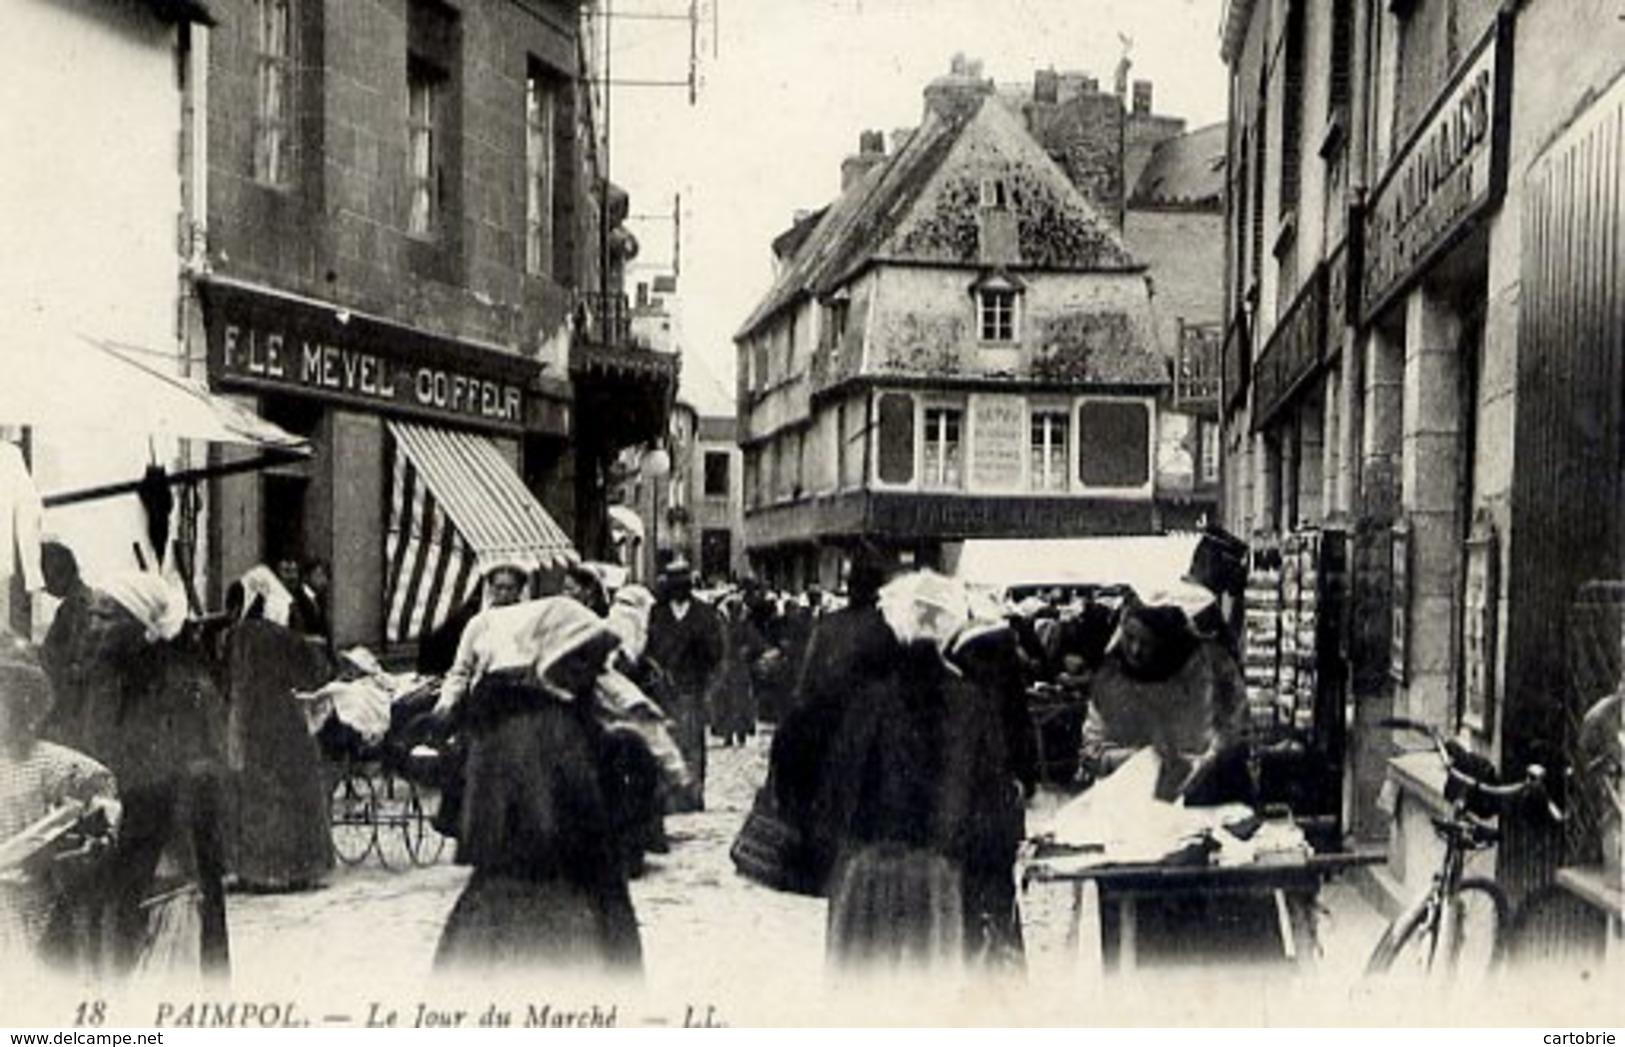 22  PAIMPOL - Le Jour De Marché - Très Animée - F. LE MEVEL Coiffeur - Tourniquet De Cartes Postales - Paimpol